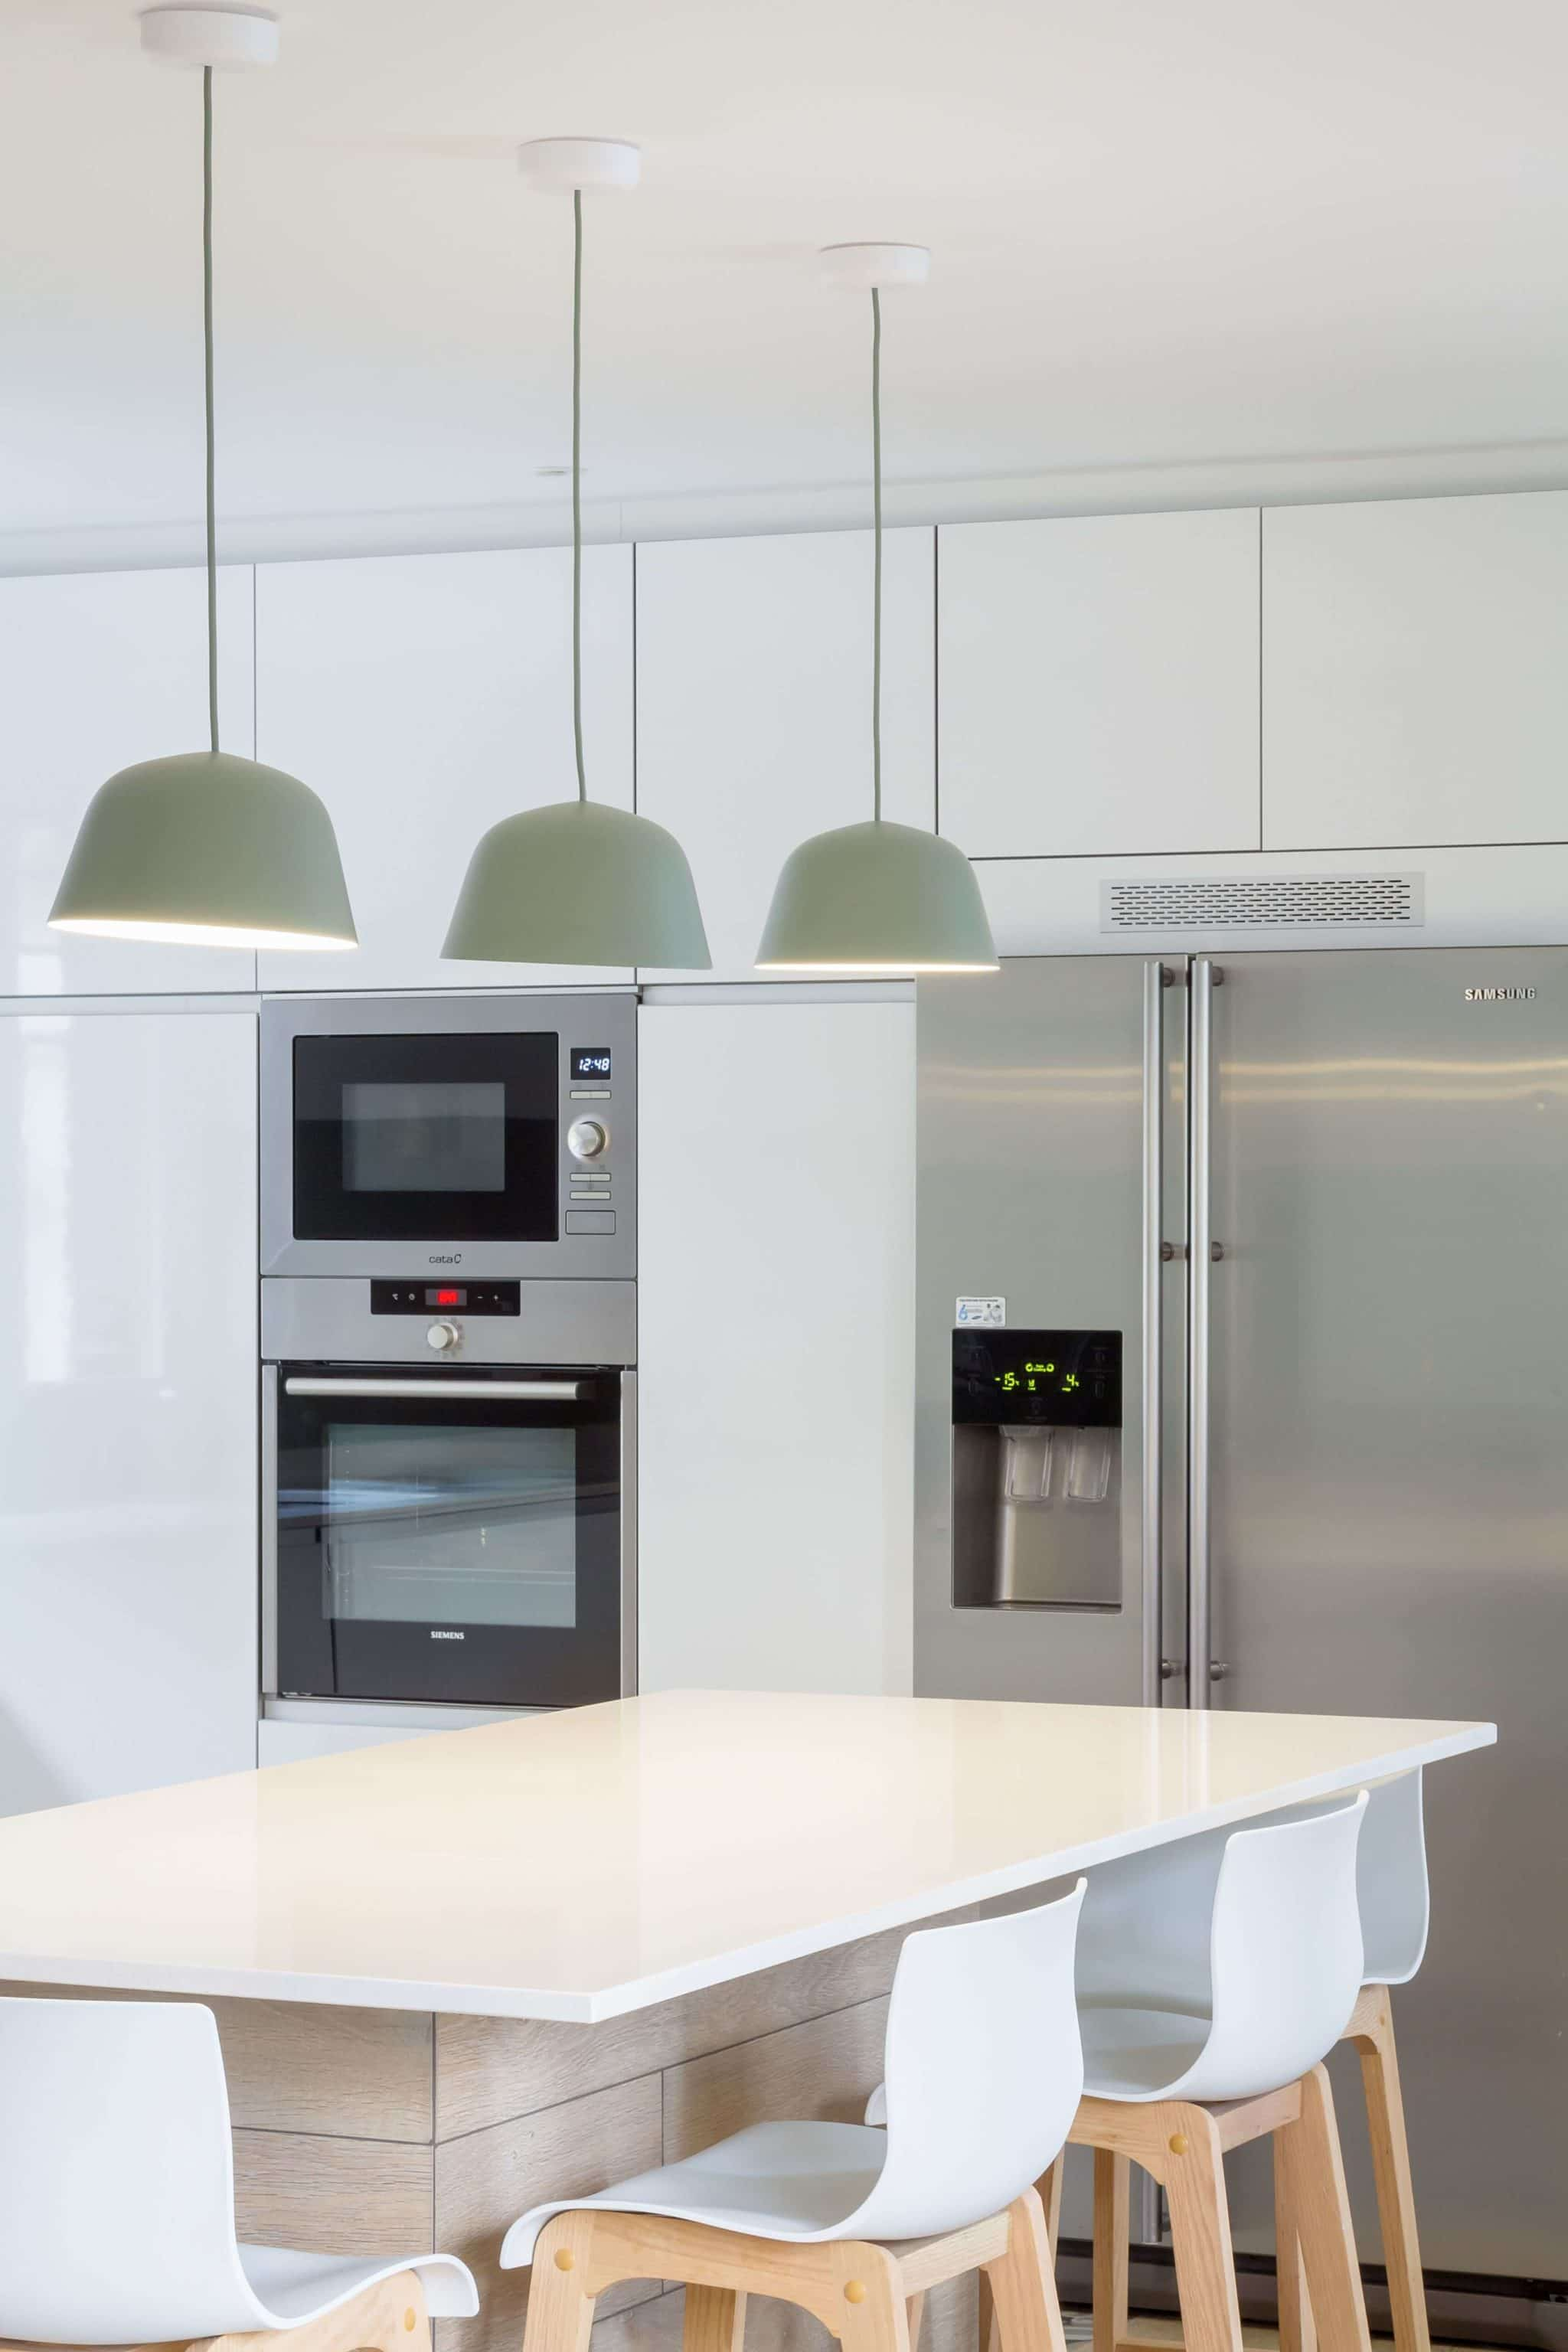 Detalle lamparas verdes en cocina con península verde menta y blanca